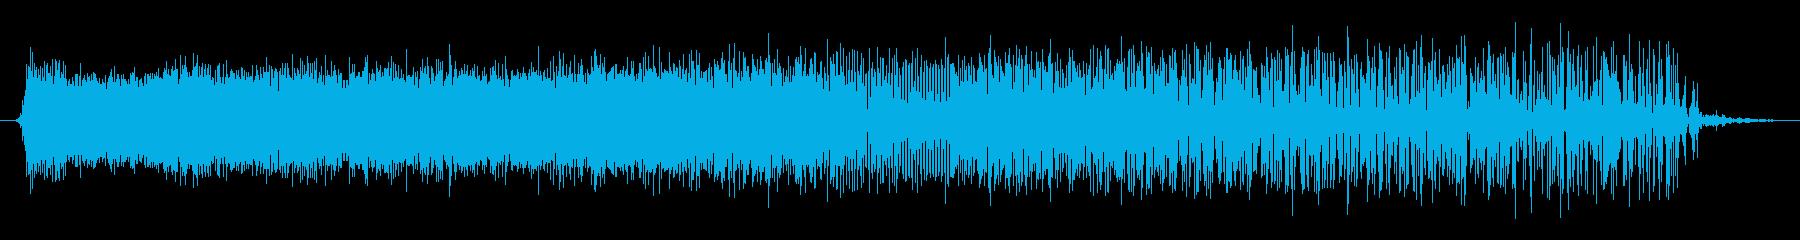 機械 ノイズクラックルドロップ03の再生済みの波形